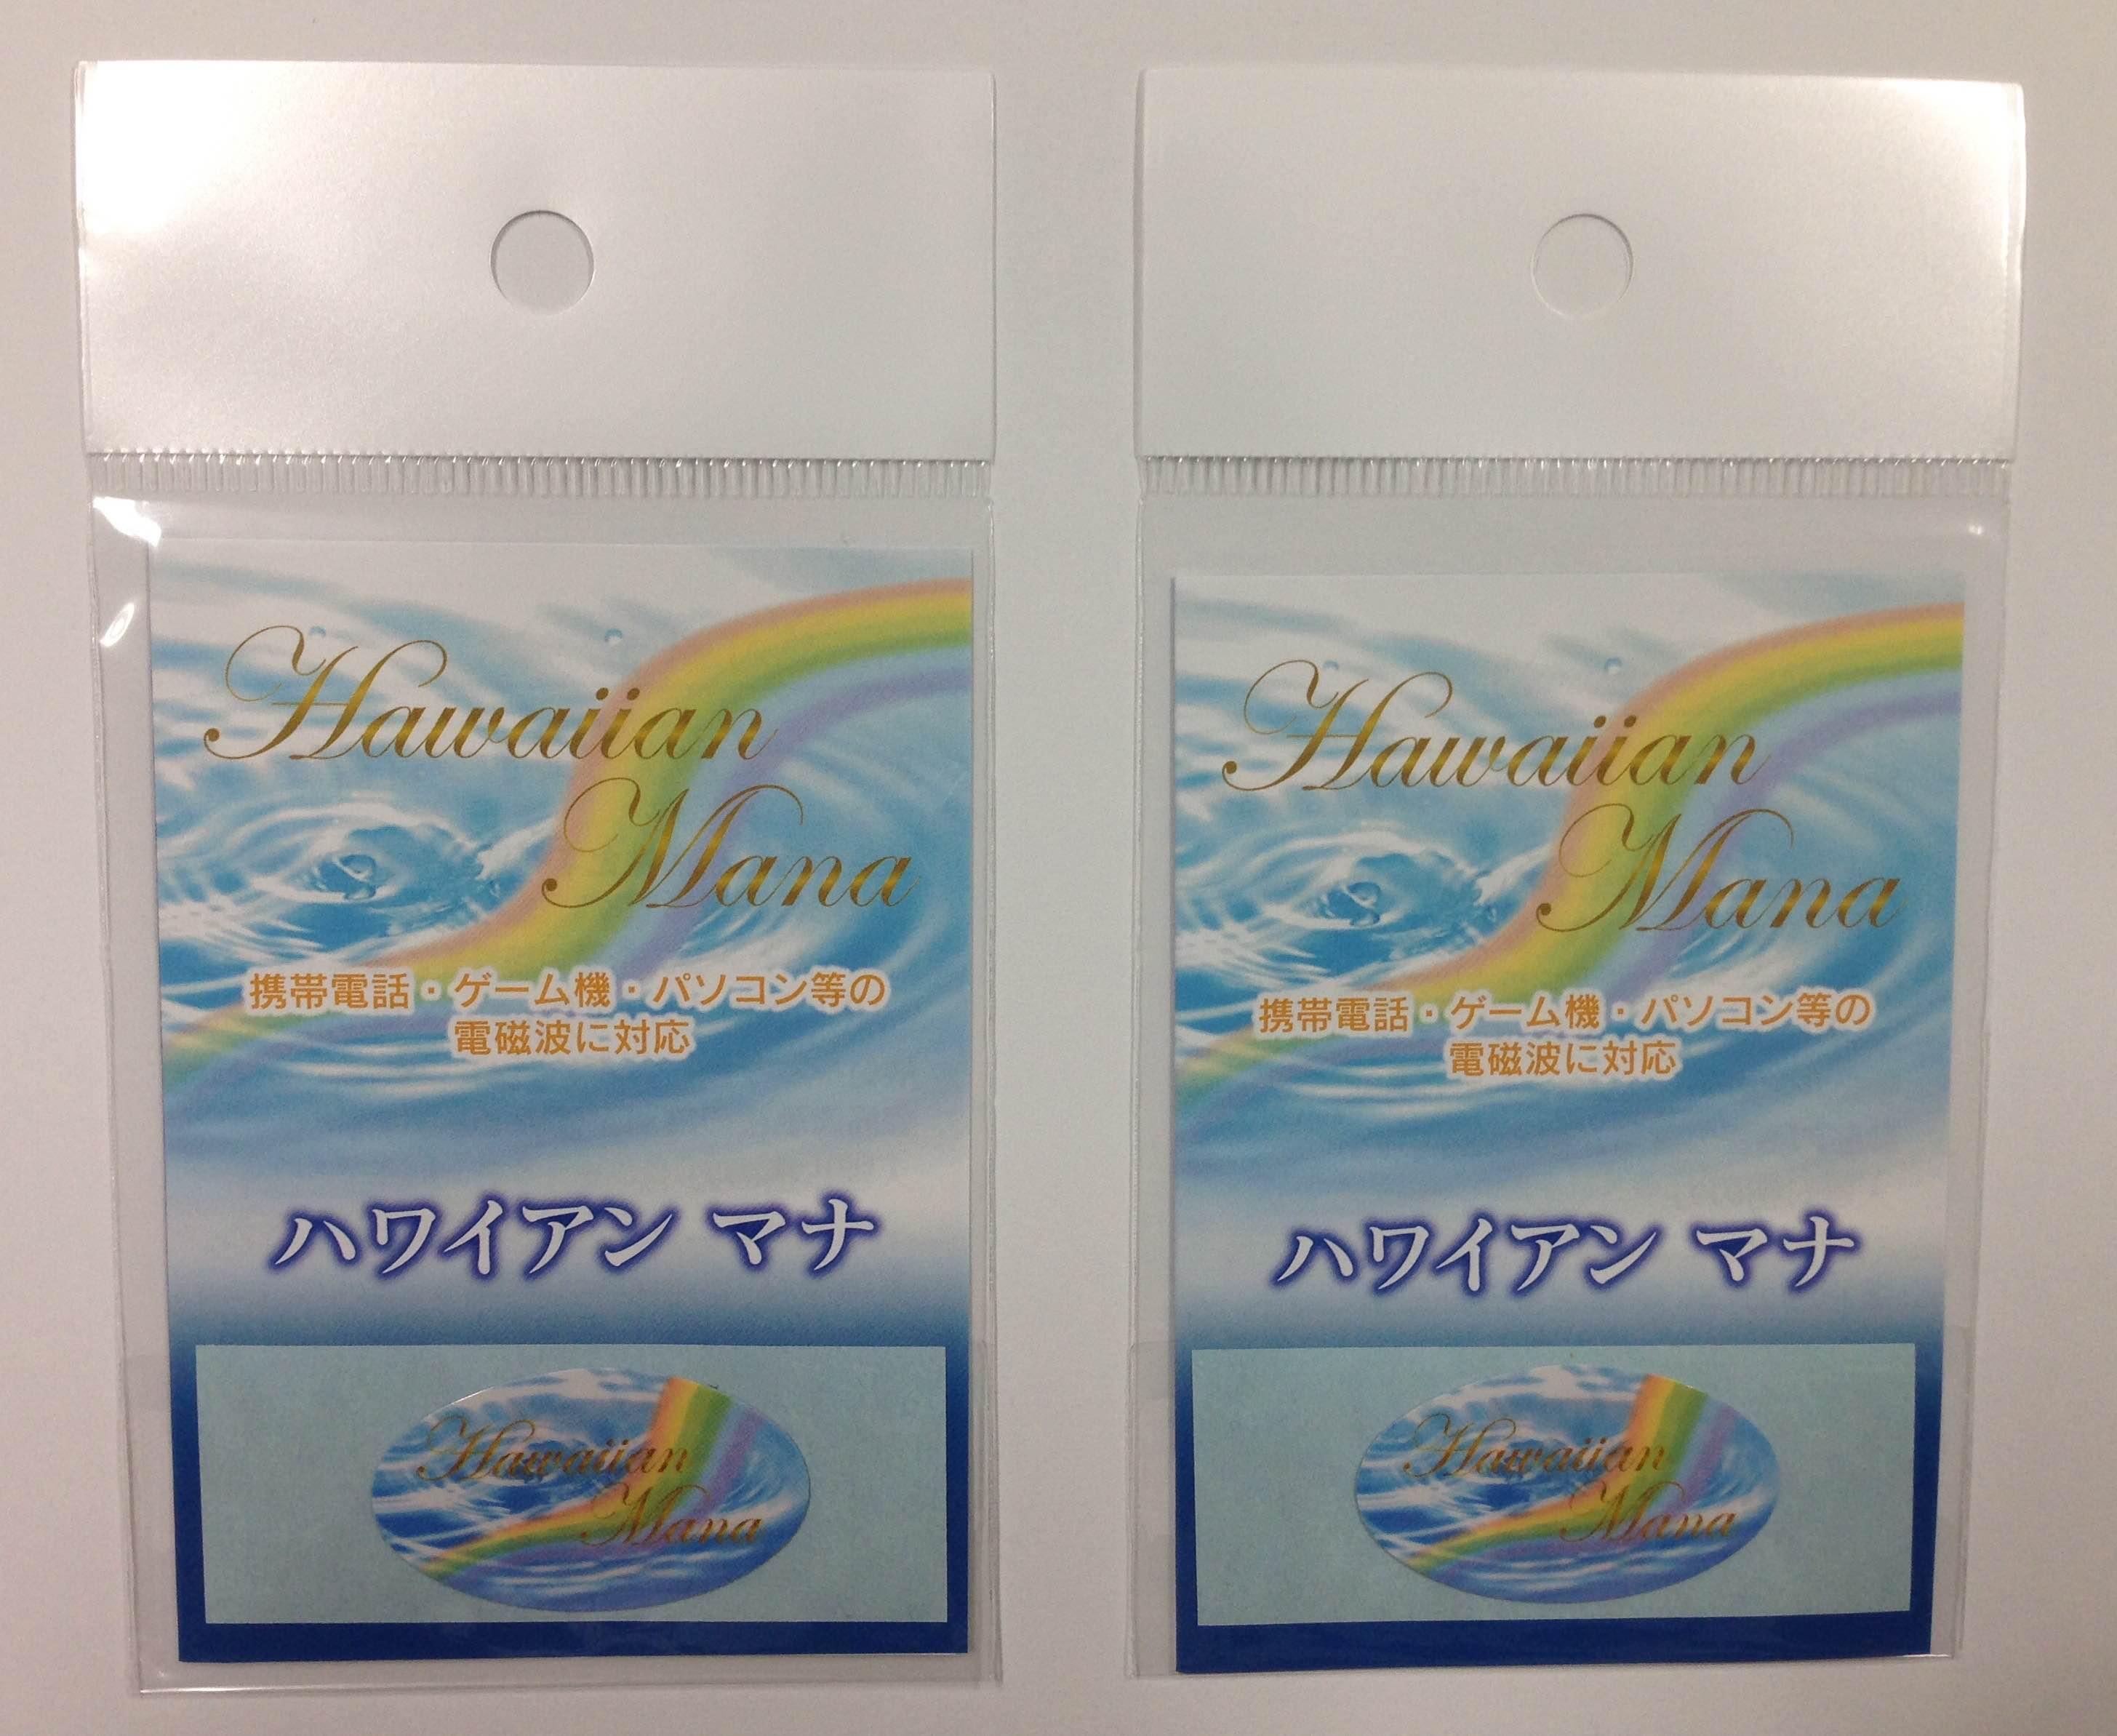 電磁波対策 ハワイアン マナ 【シール タイプ】 2枚セット